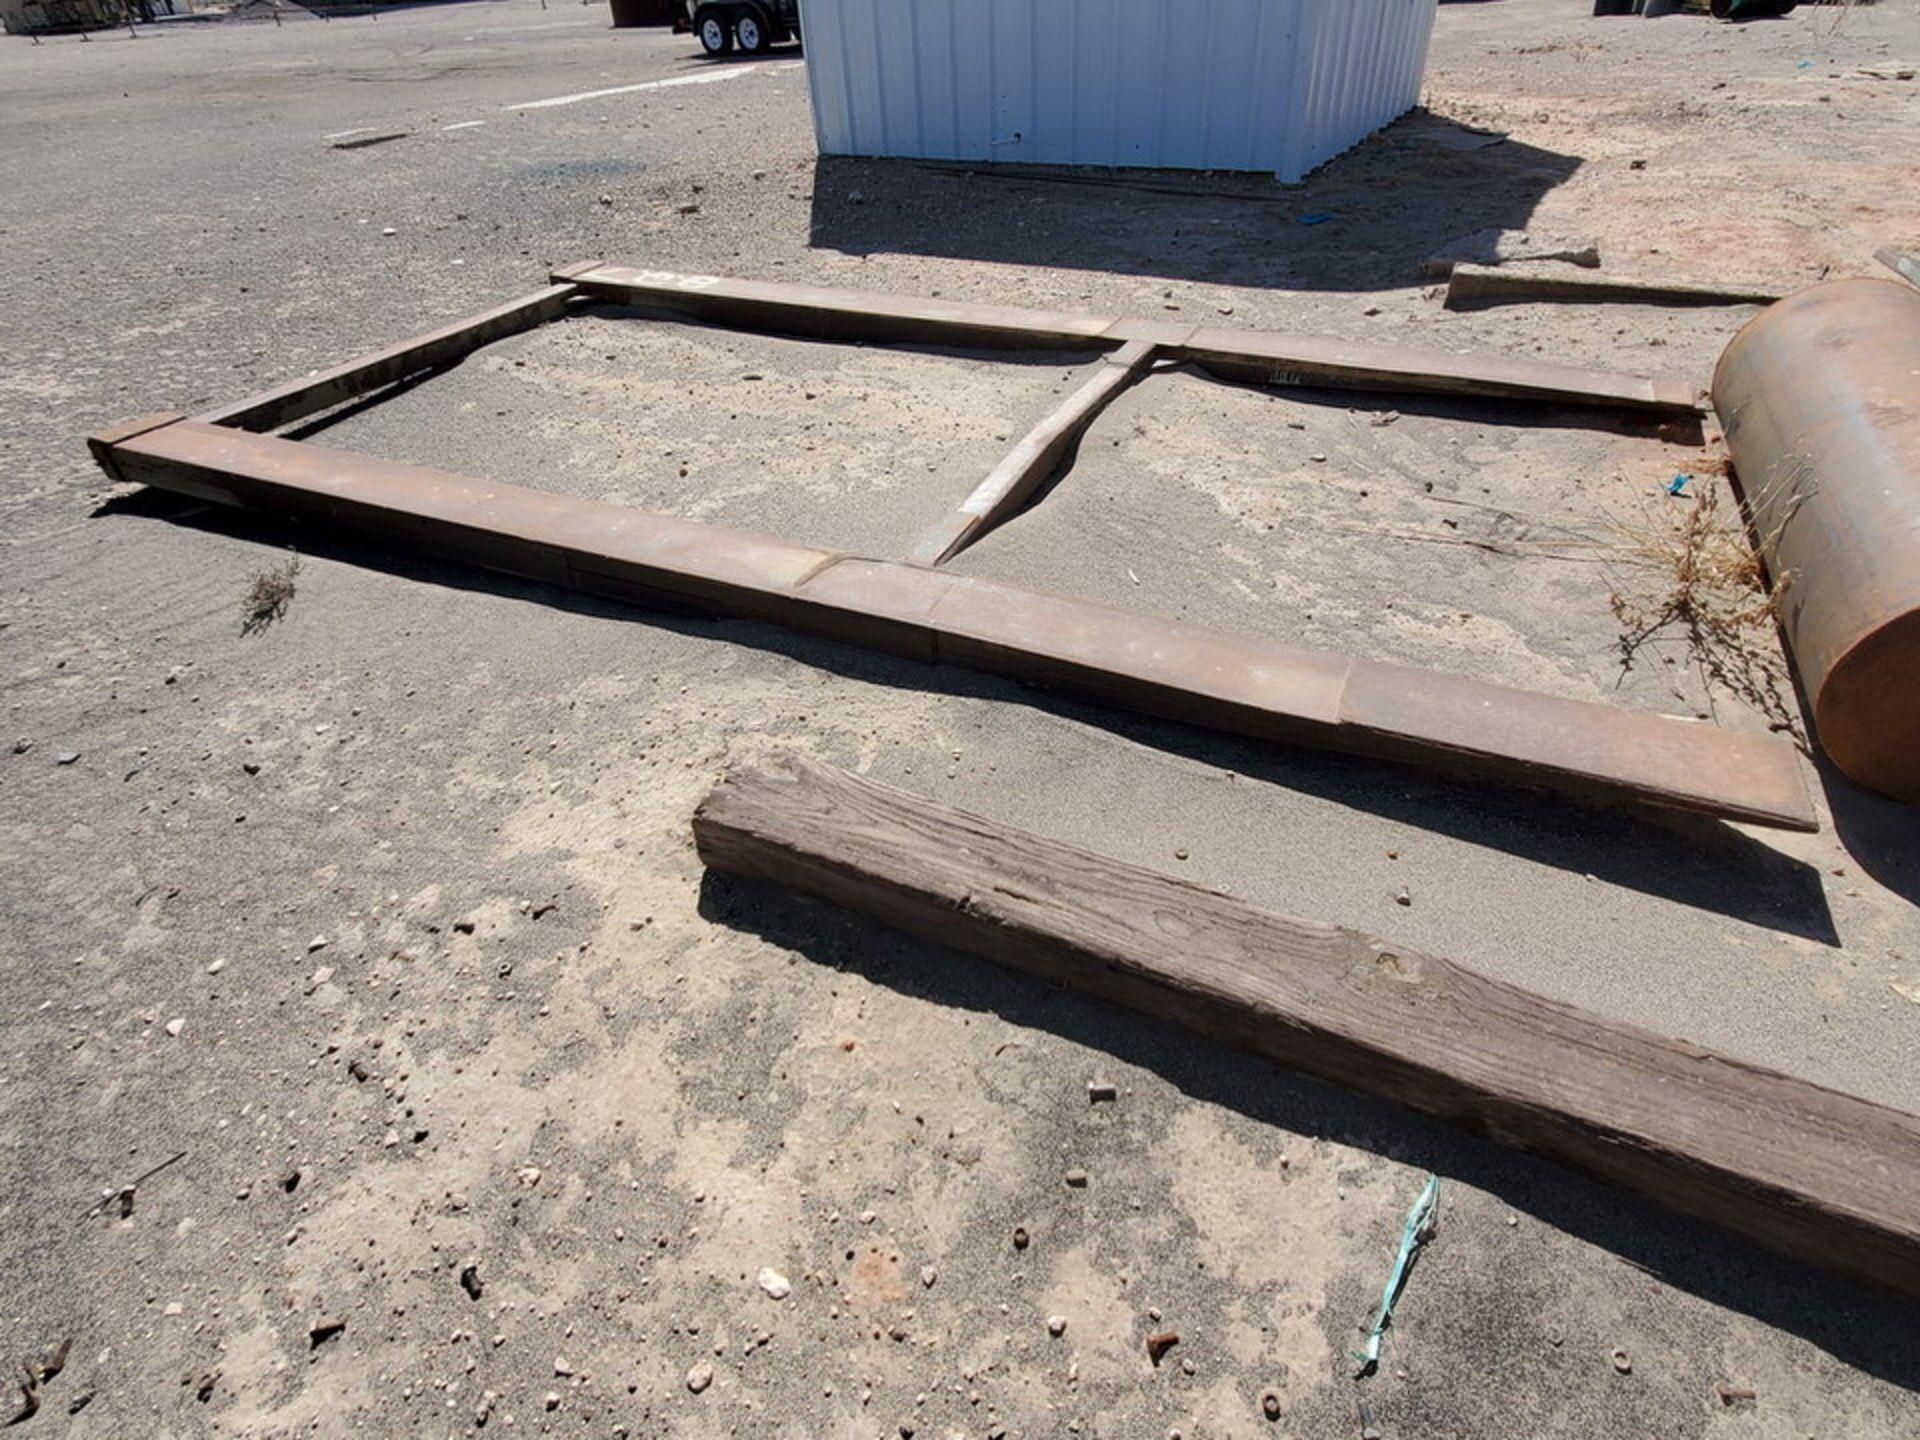 """Forklift Attechment 15'8"""" x 7'11"""", 9-1/2"""" Forks I.D. - Image 8 of 8"""